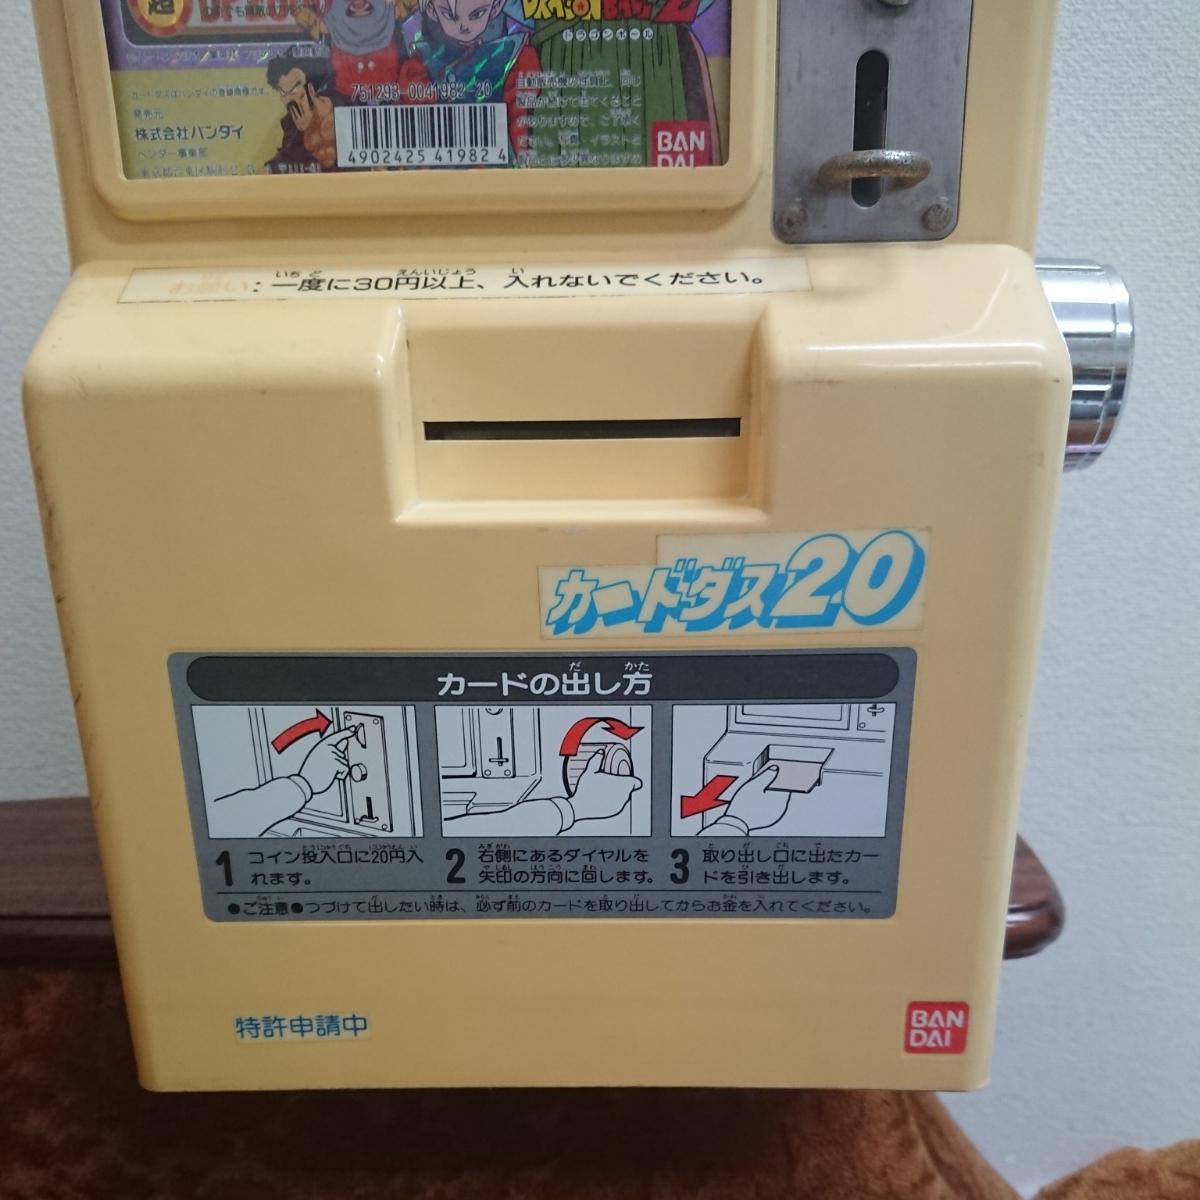 ■1円~ バンダイ カードダス20 1988年製 本体 可動品 台紙は ドラゴンボールZ 第17弾 悟飯第1章 DBZ 発送はゆうパック120_画像3